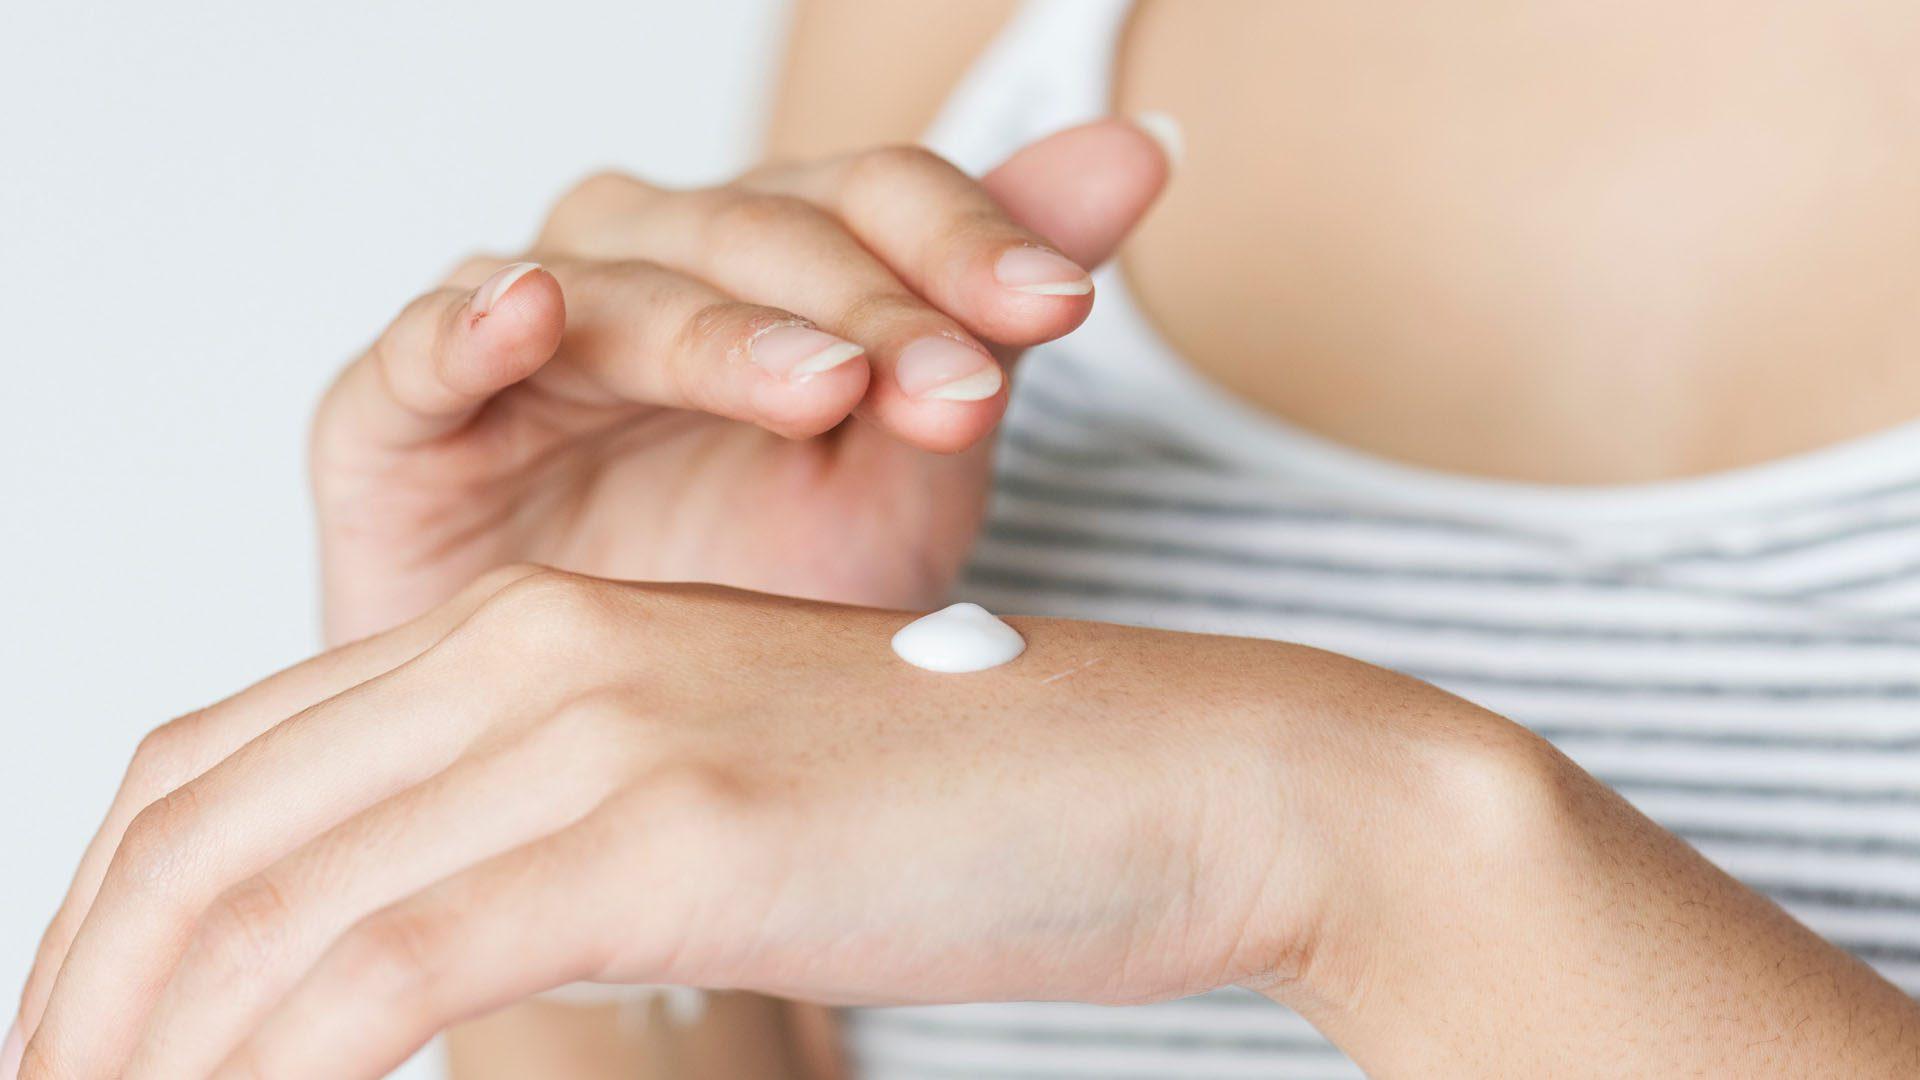 Incontro Avène sulla cura delle pelle